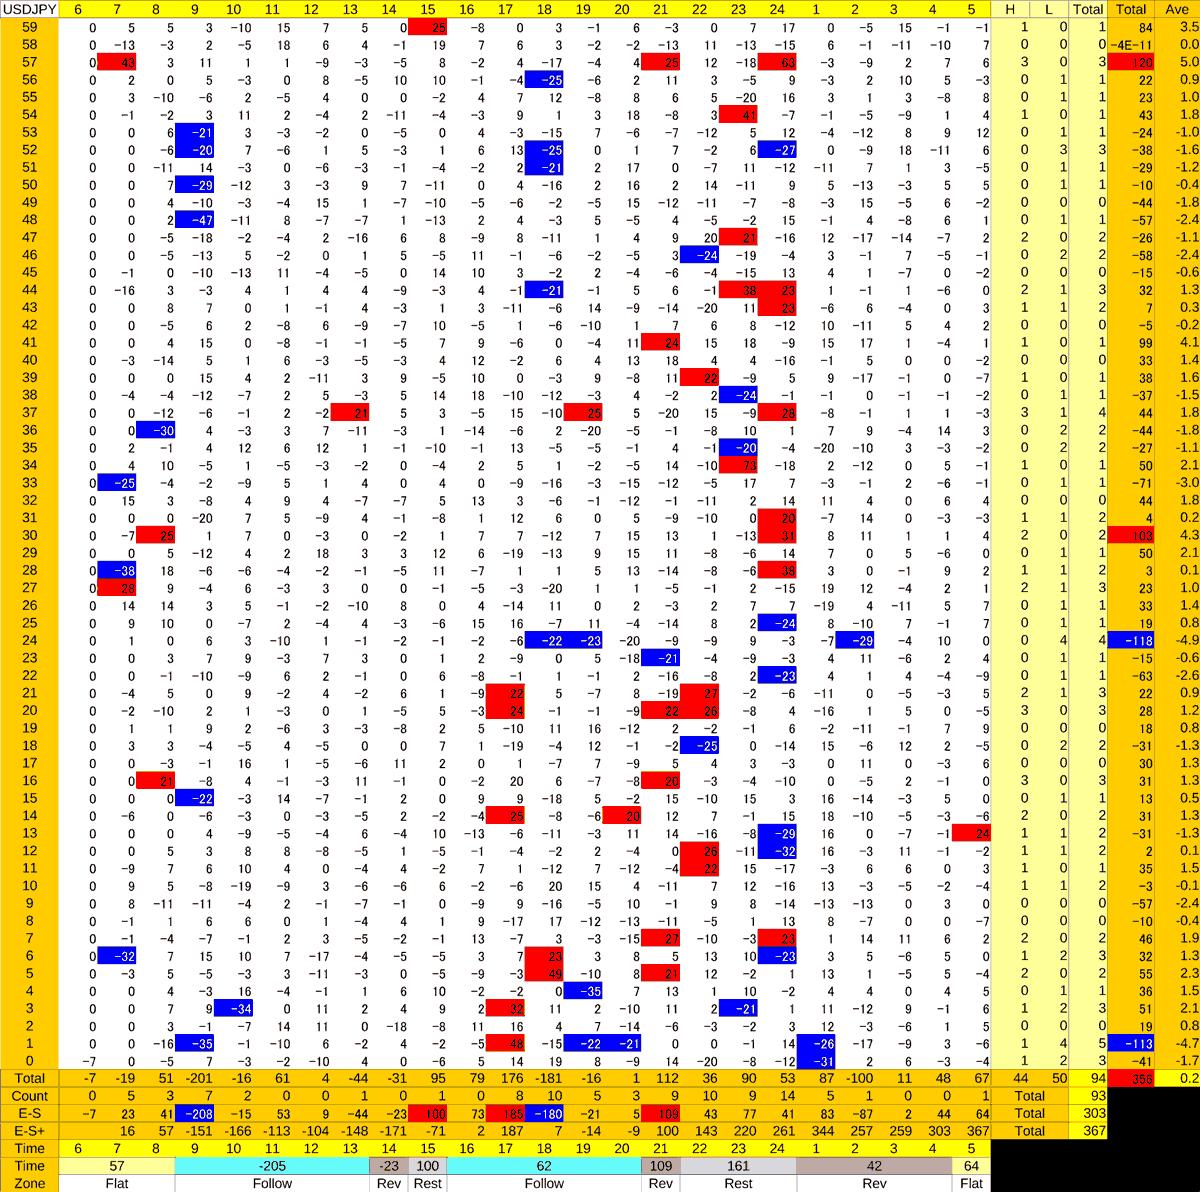 20201130_HS(1)USDJPY